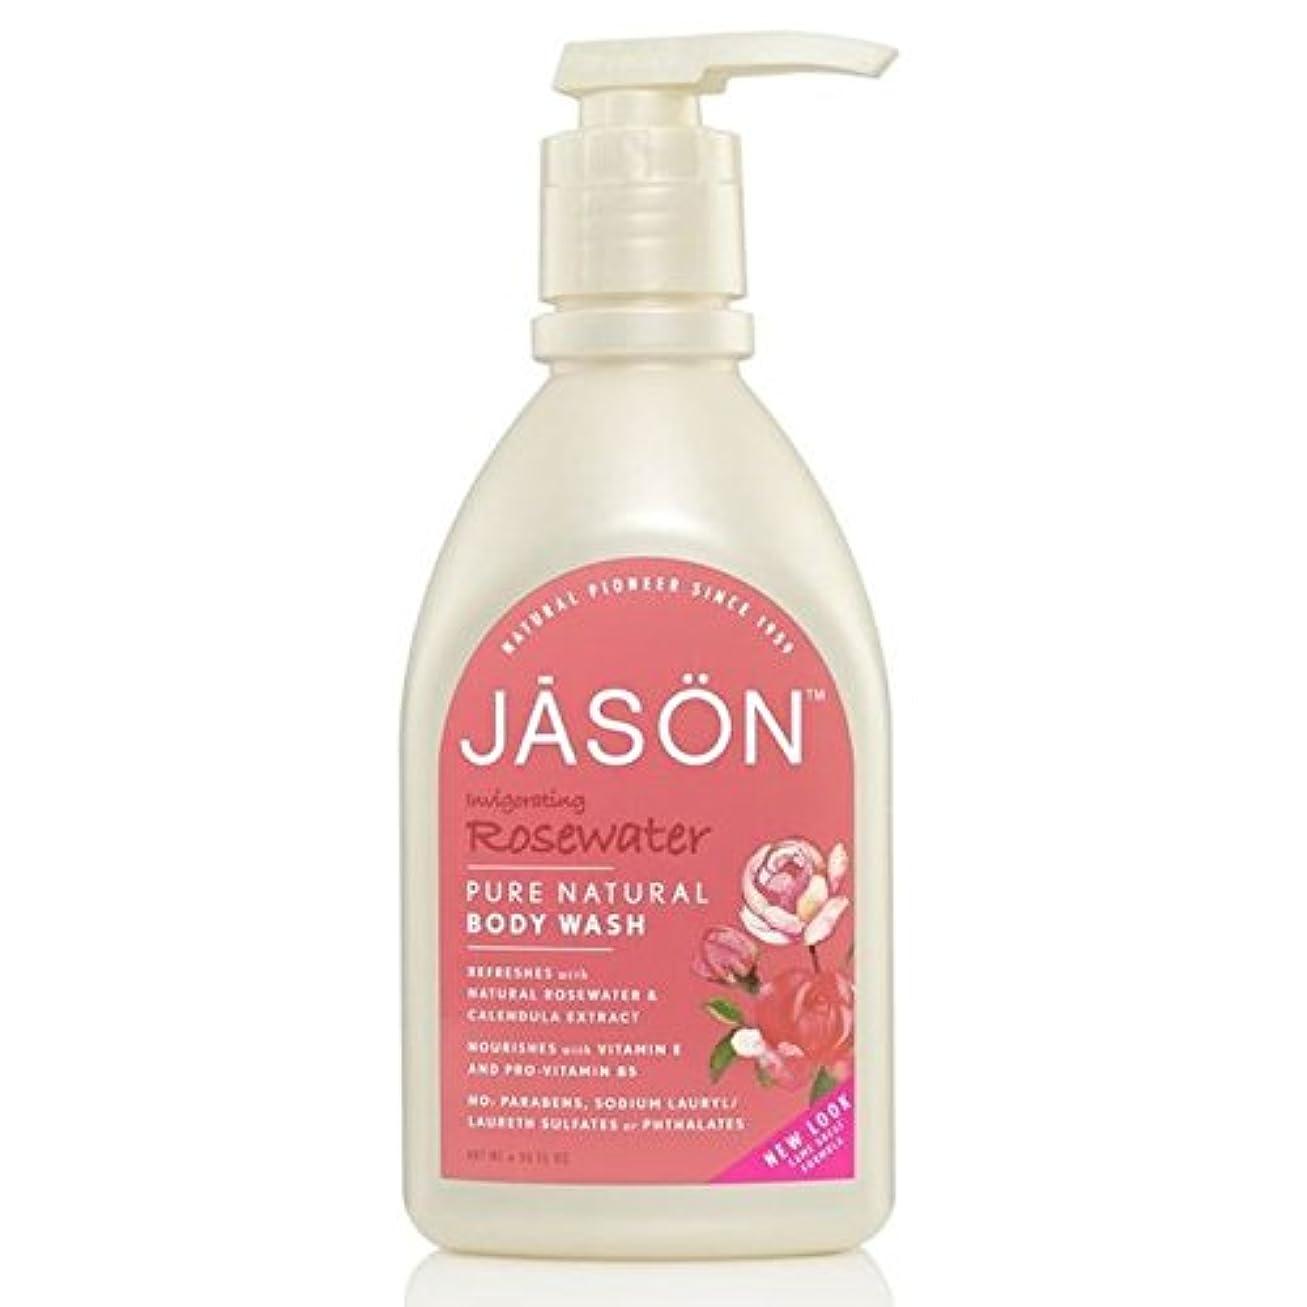 受け入れ不倫通行料金Jason Body Wash Rosewater Satin Shower 900ml - ジェイソン?ボディウォッシュローズウォーターサテンシャワー900ミリリットル [並行輸入品]